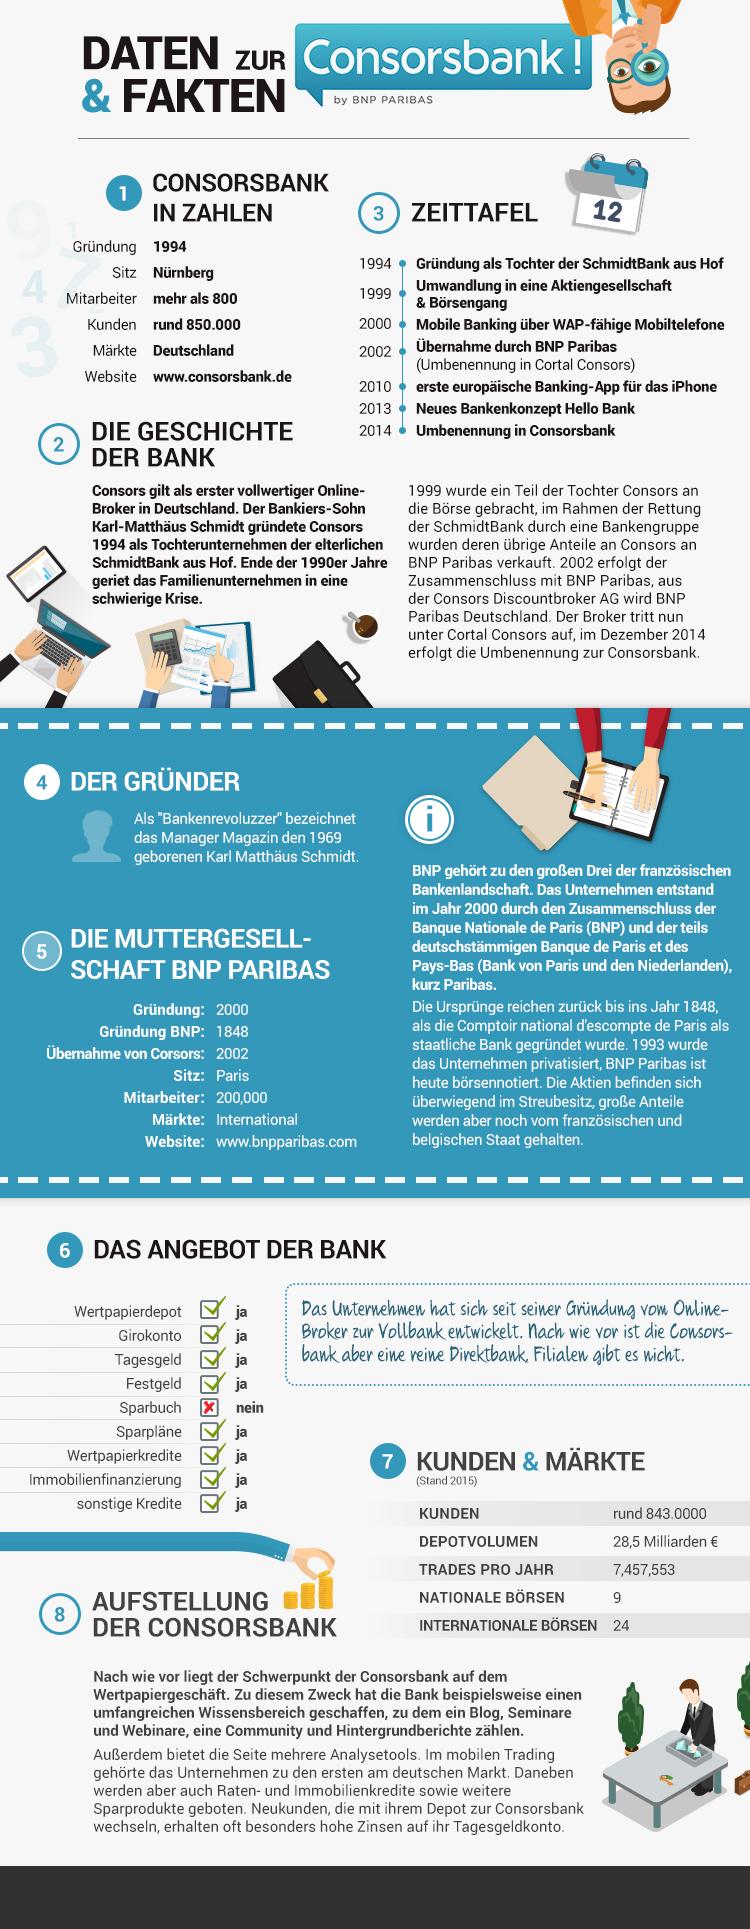 Consorsbank Daten und Fakten